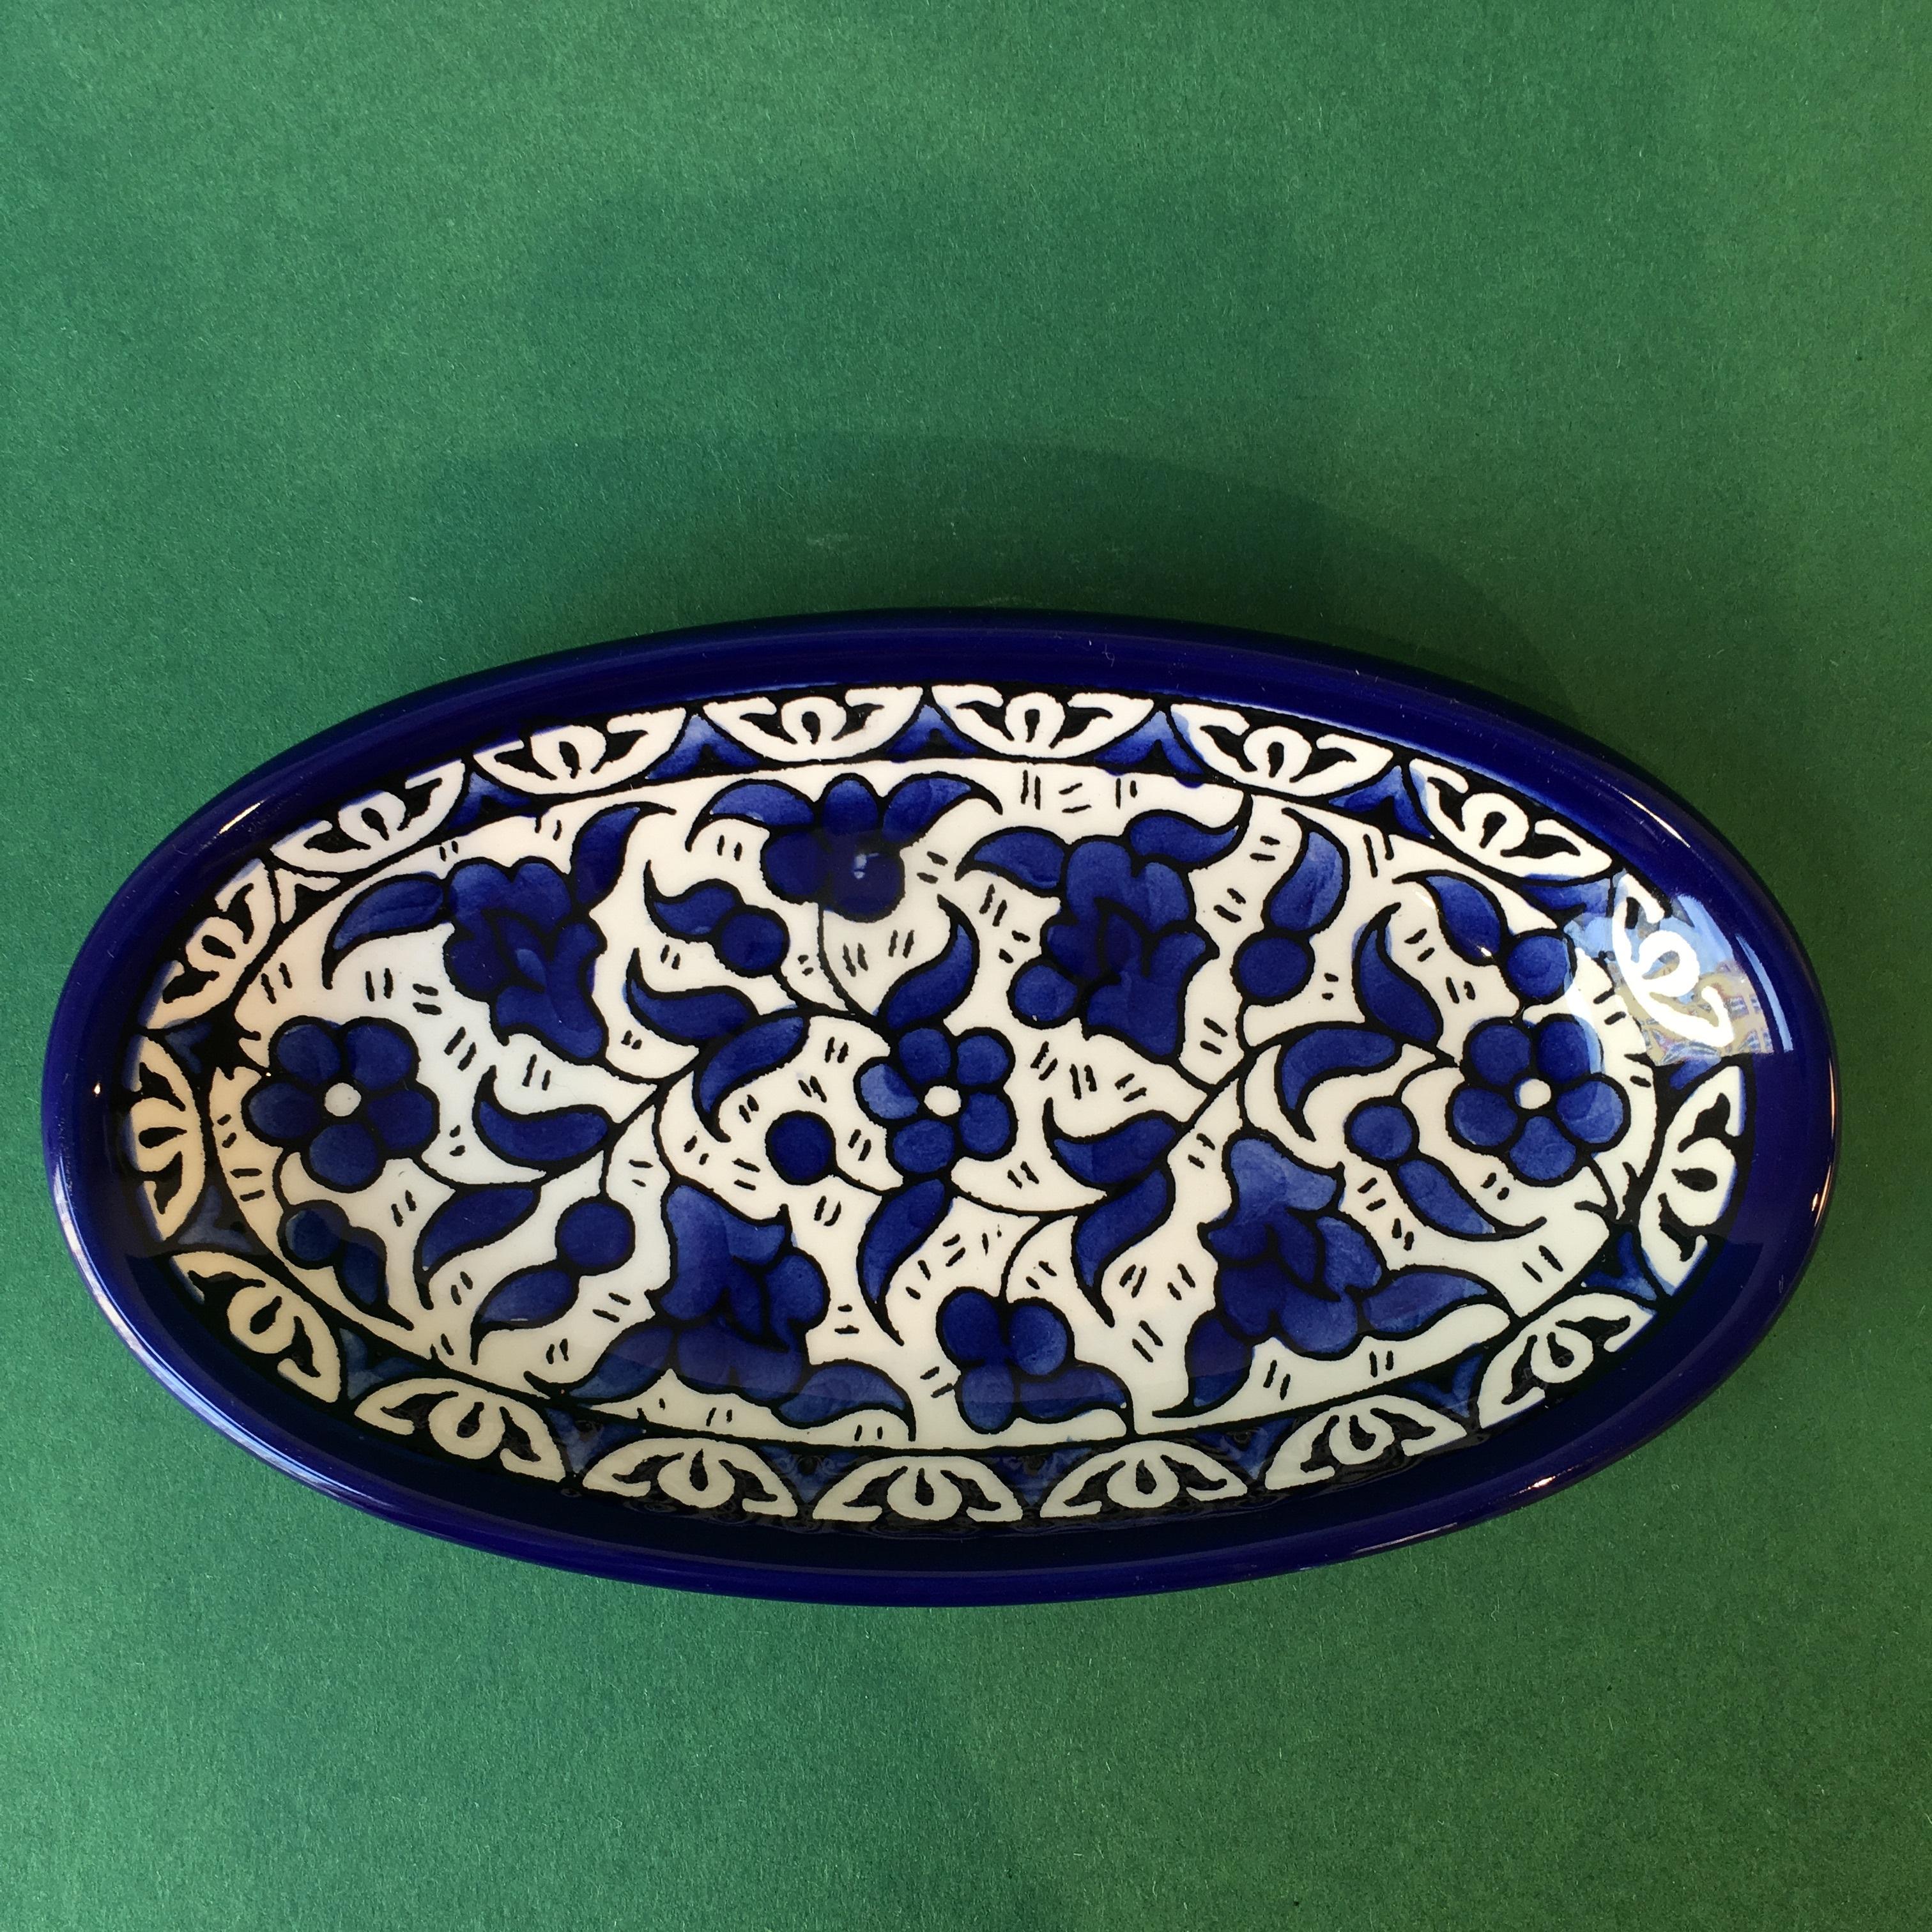 Ovalt keramikkfat, blått